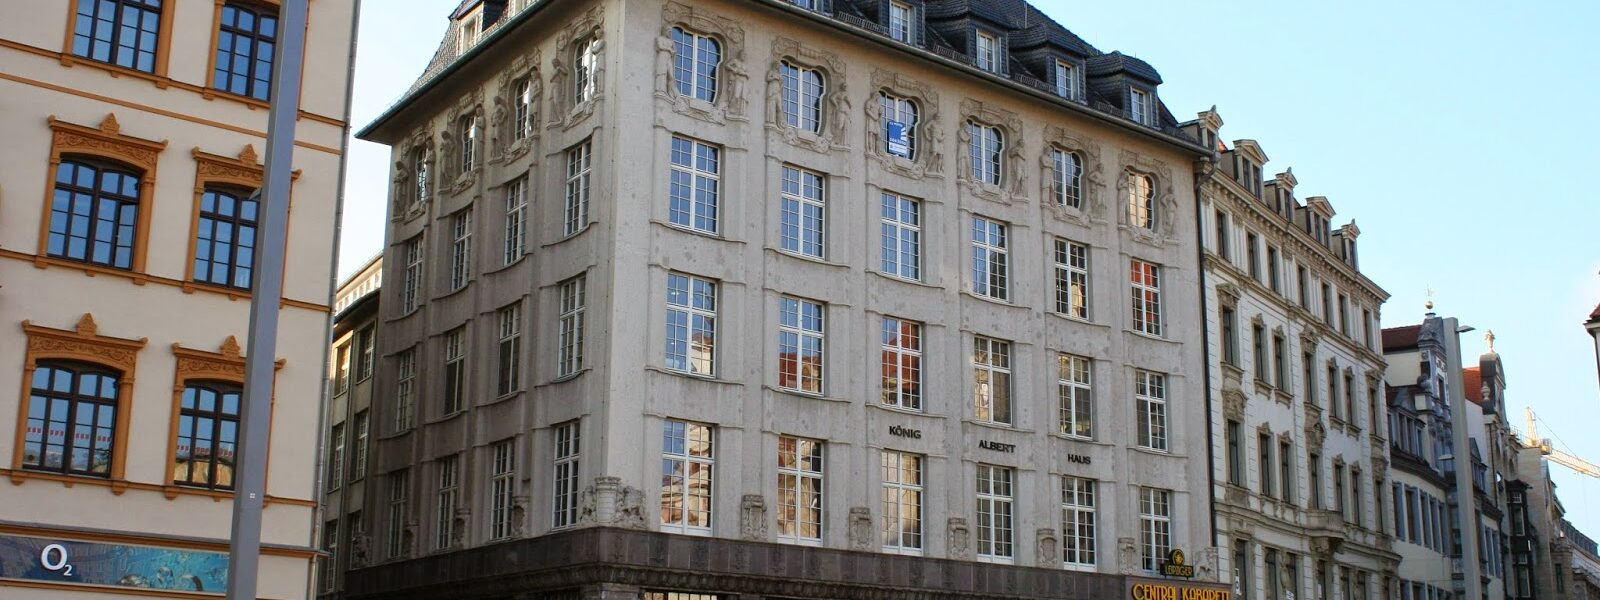 König-Albert-Haus am Leipziger Markt gegenüber dem Alten Rathaus